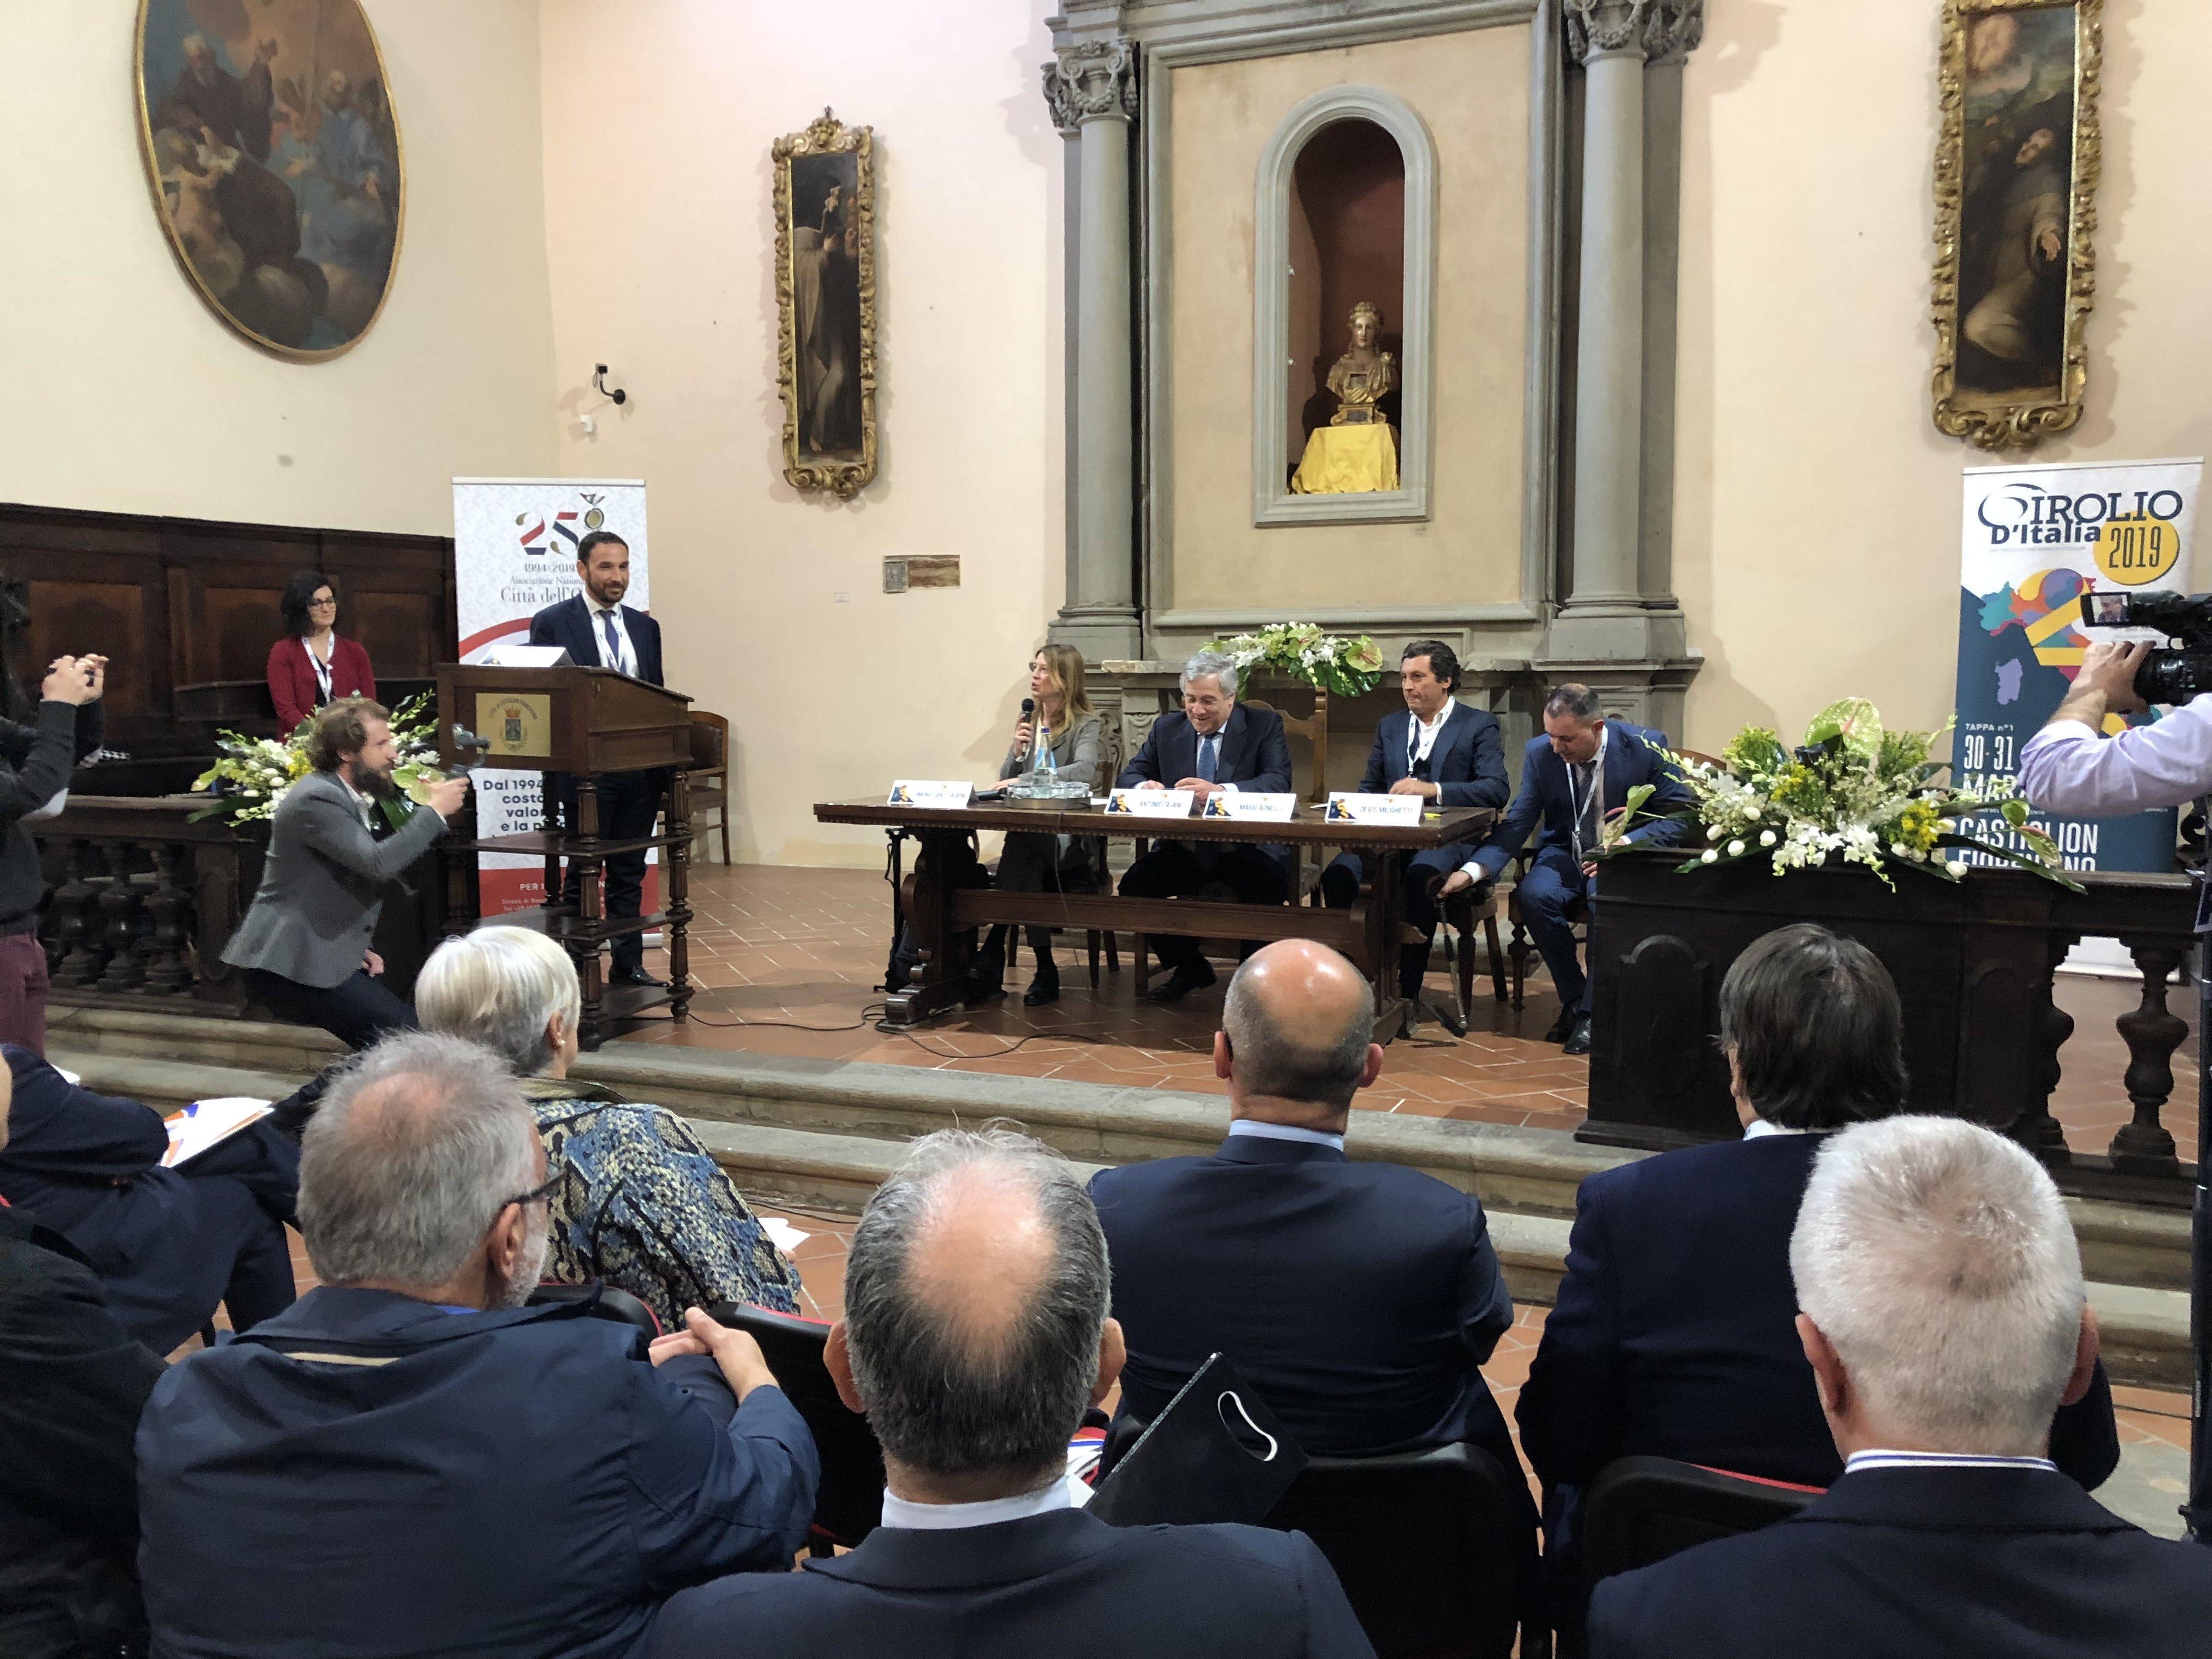 Tajani al girolio d'Italia a Castiglion Fiorentino 17